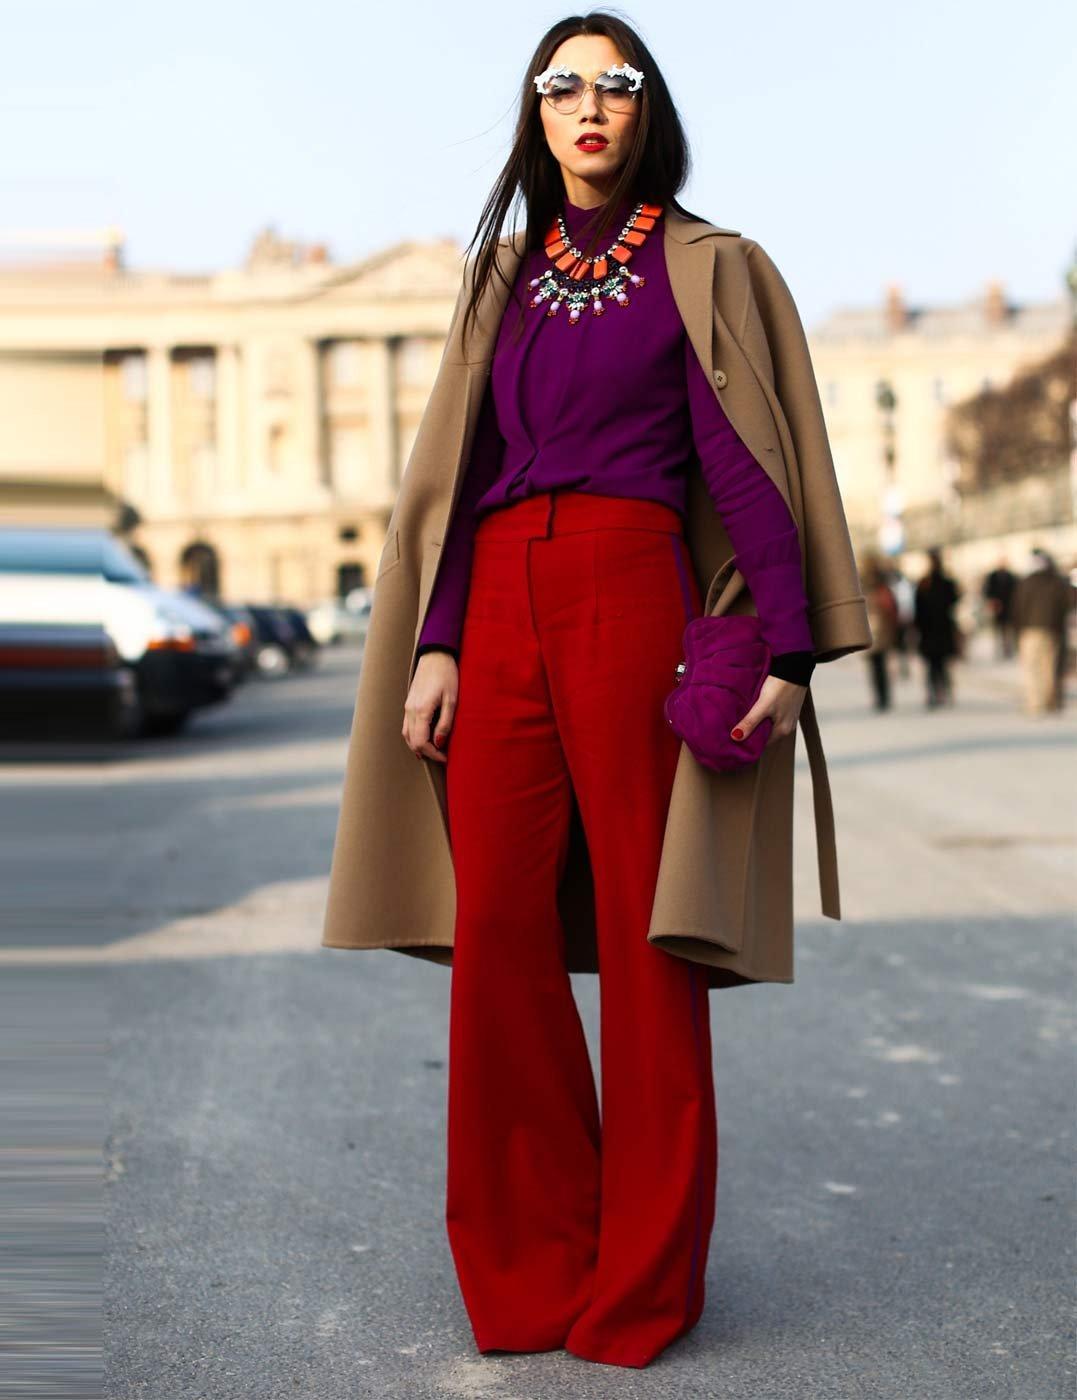 С чем носить фиолетовую блузку - с яркими красными брюками